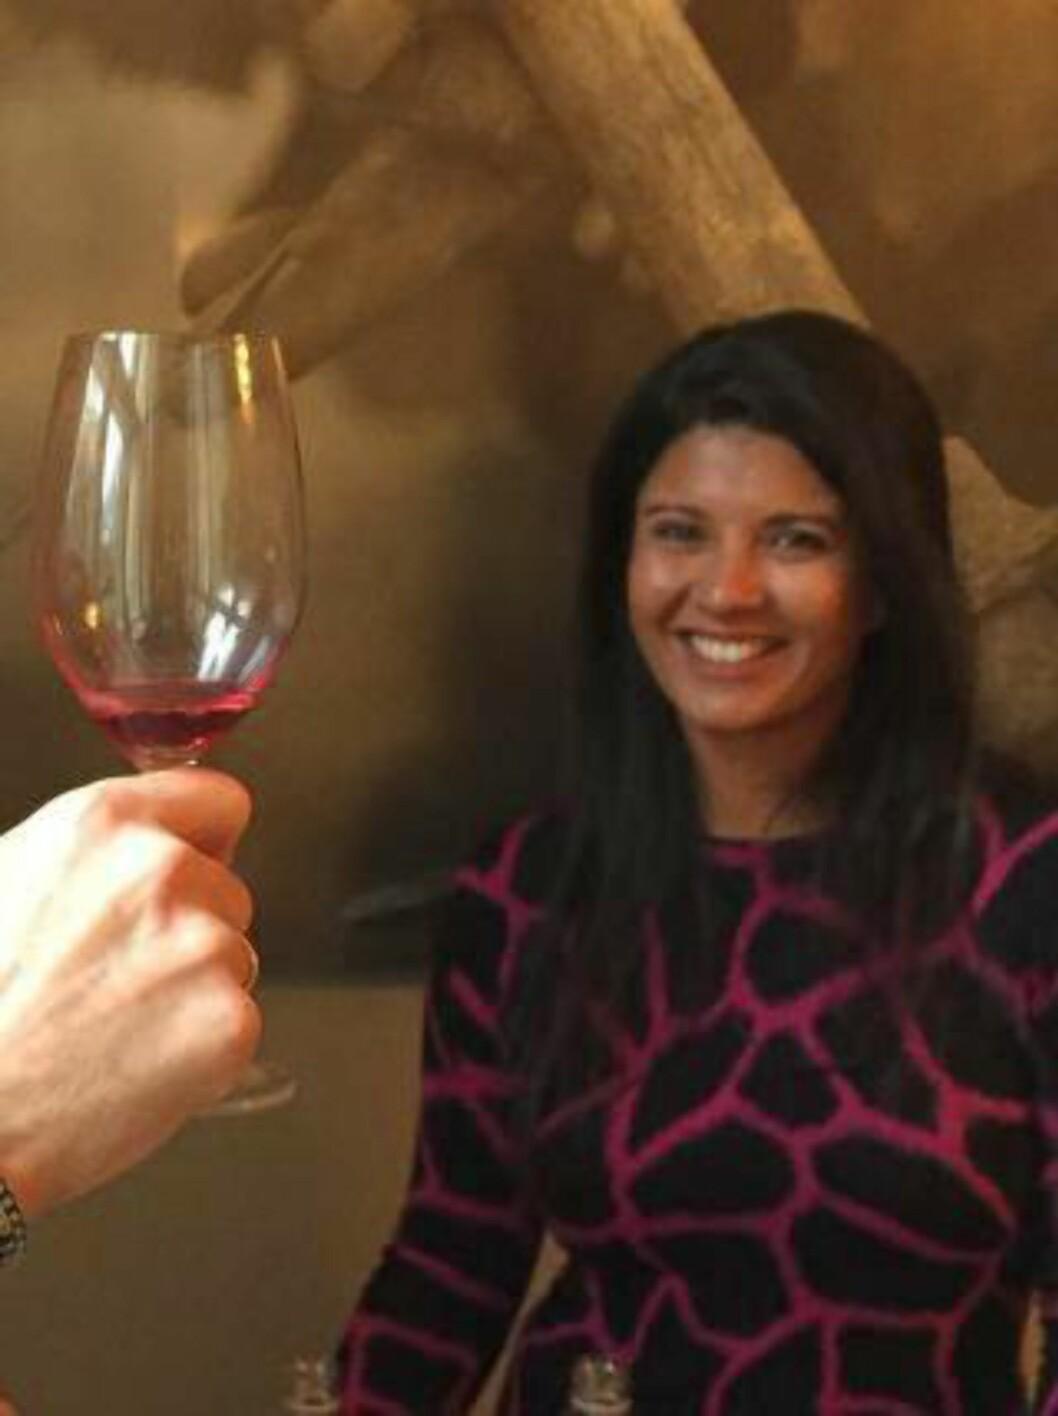 FORETREKKER FRUKTMOST: Når vinkelner Liora Levi skal velge alkoholfritt vil hun heller ha en frukmost enn en brus. Foto: SOUNDMIND